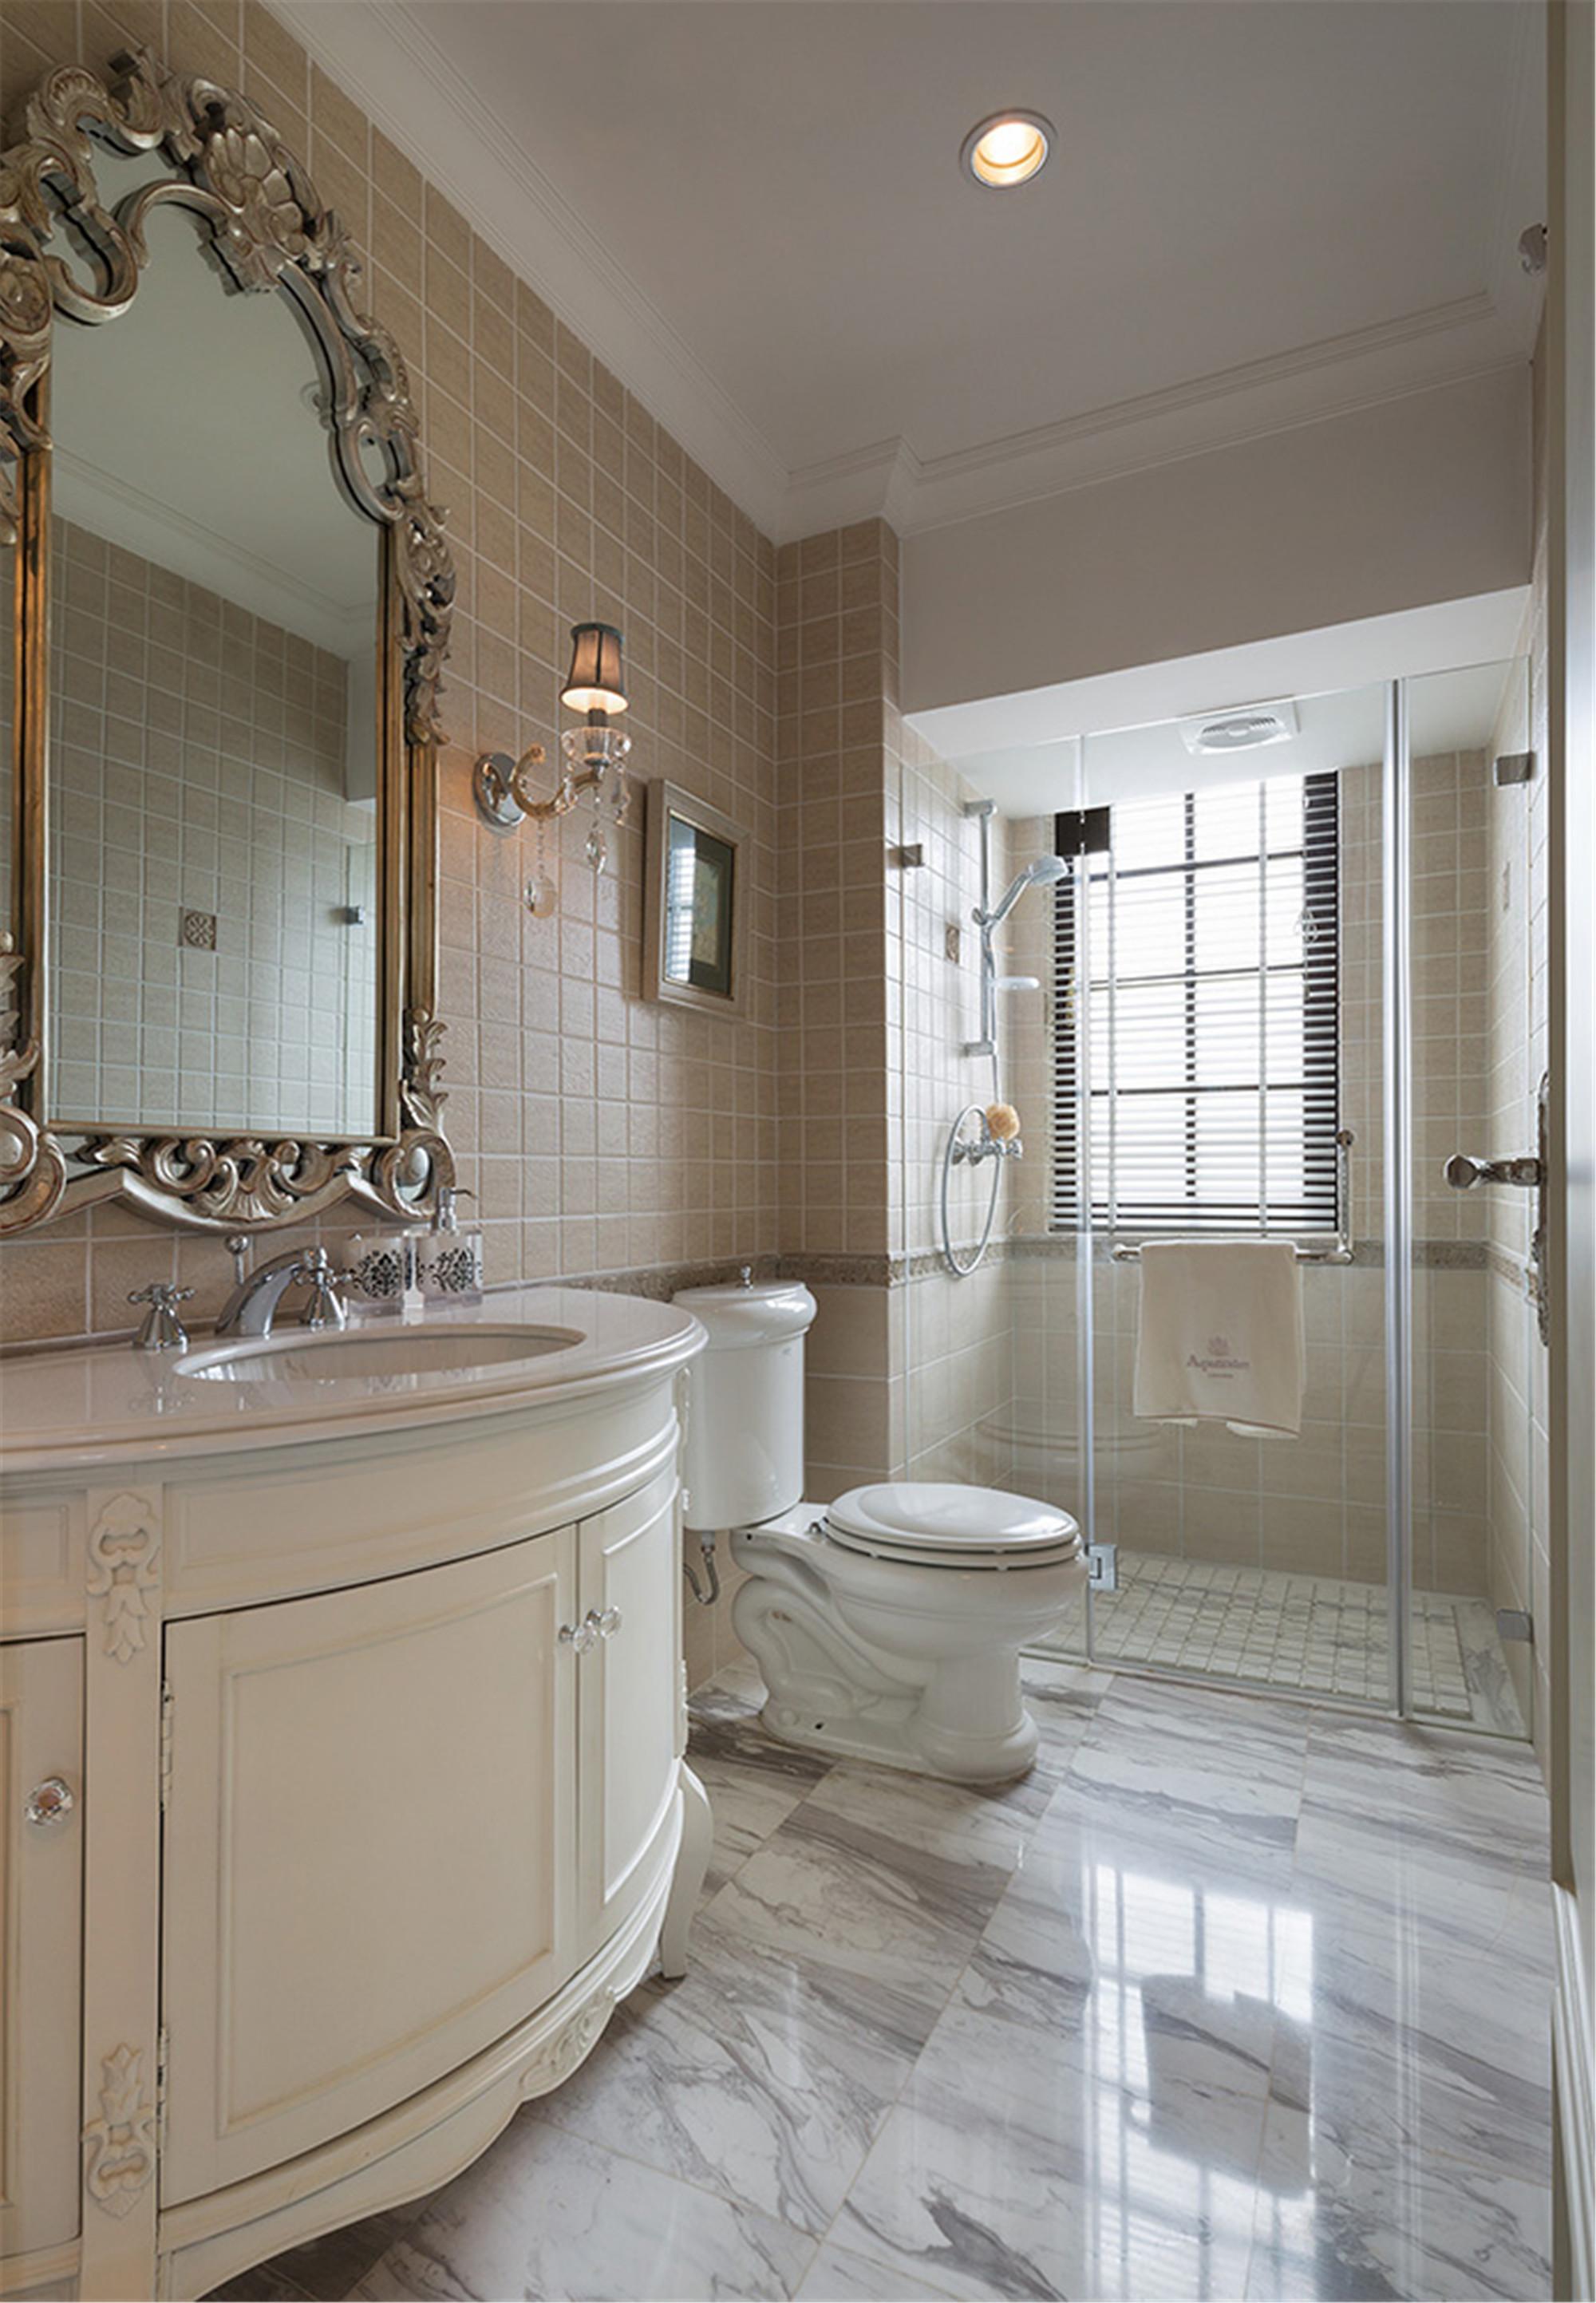 新古典风格别墅装修卫生间设计图